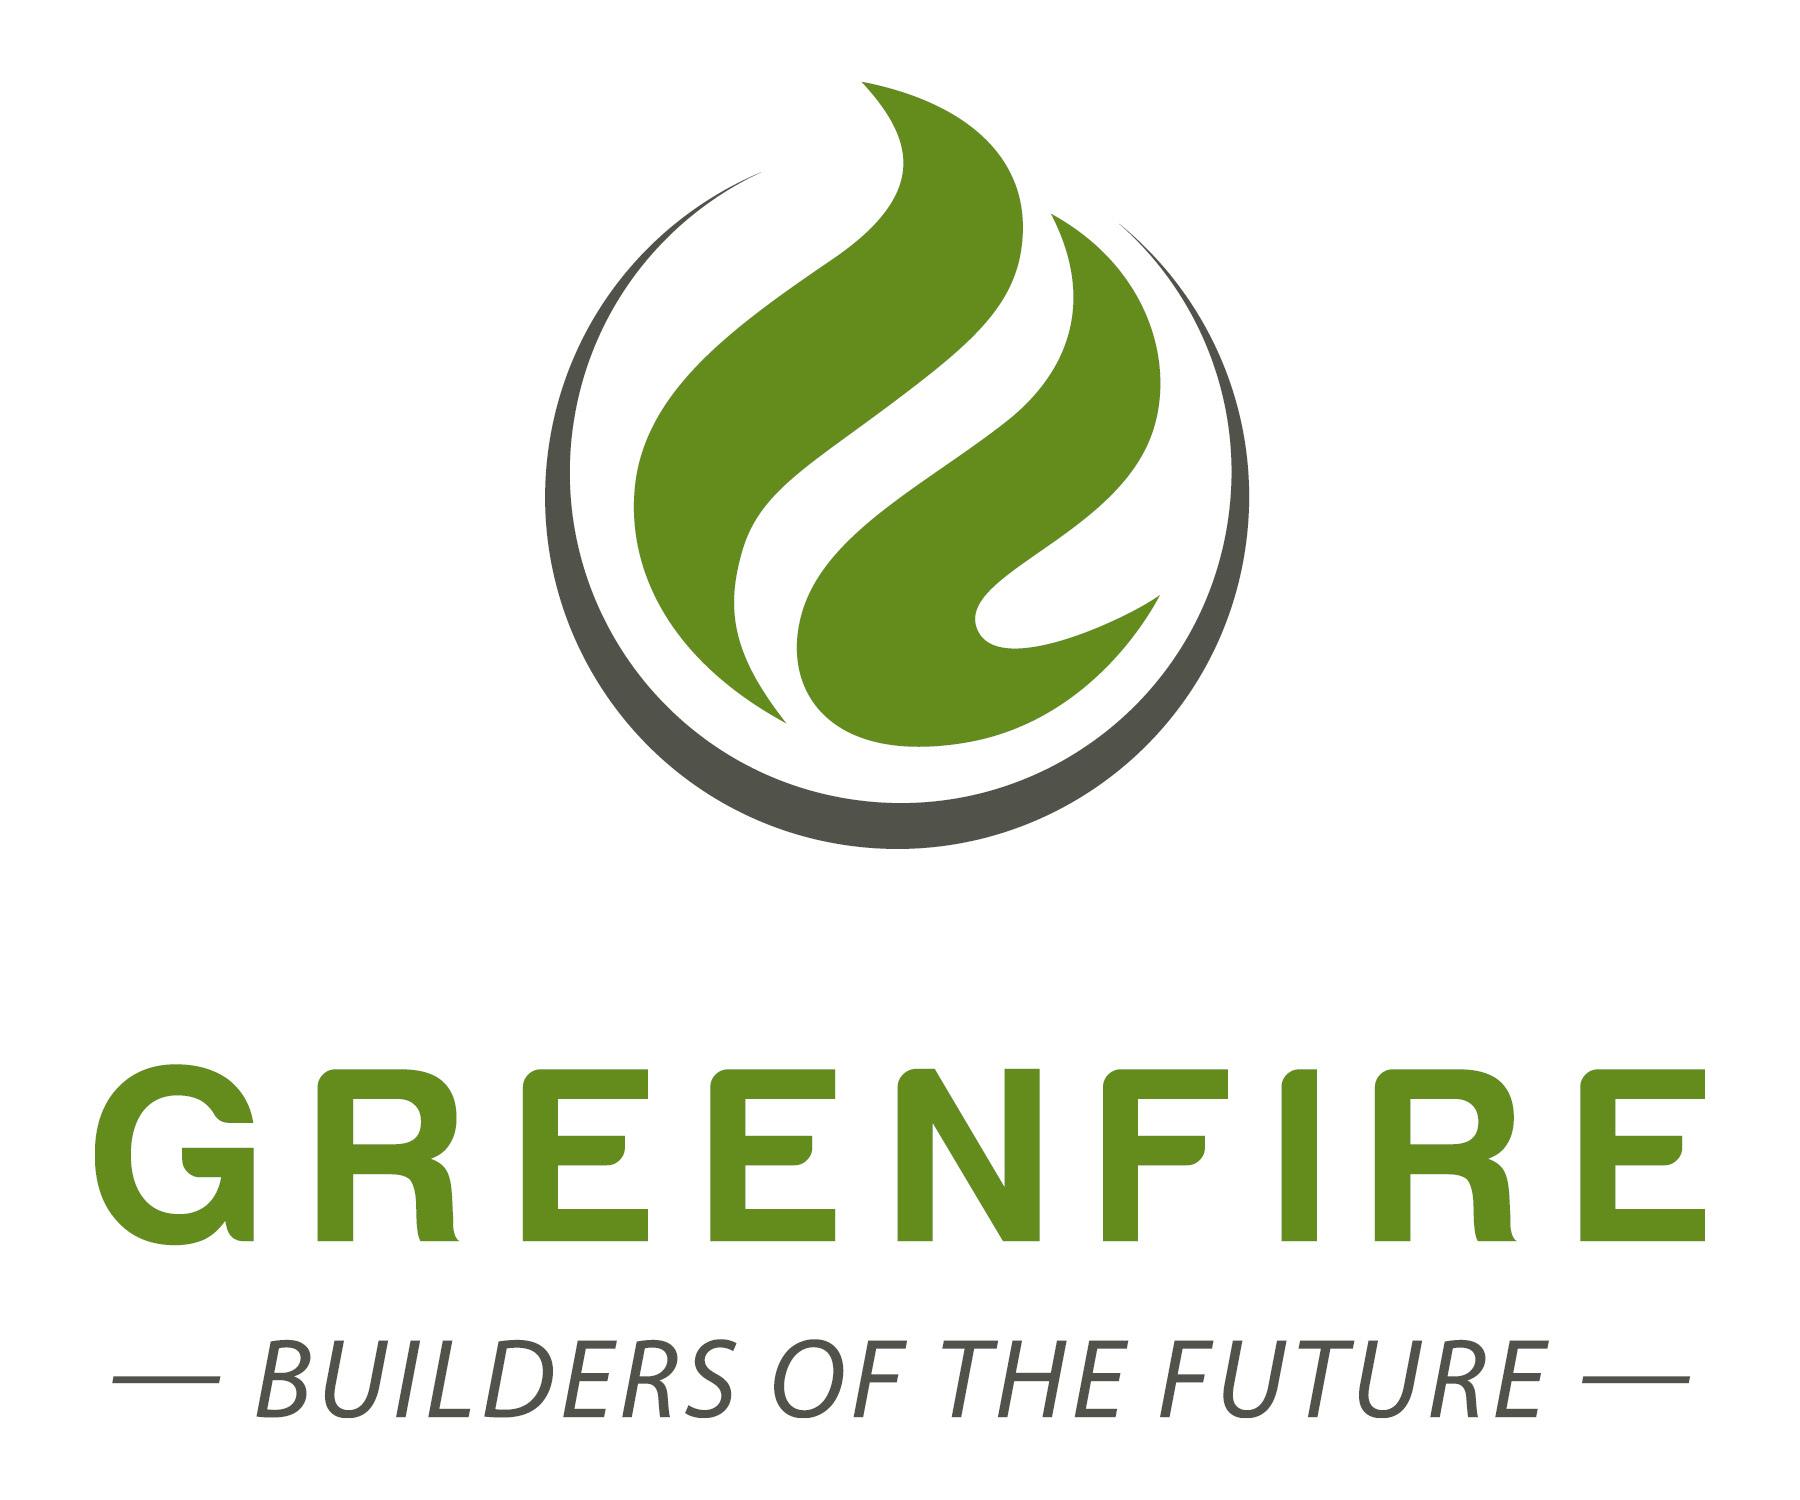 Greenfire_logo.jpg